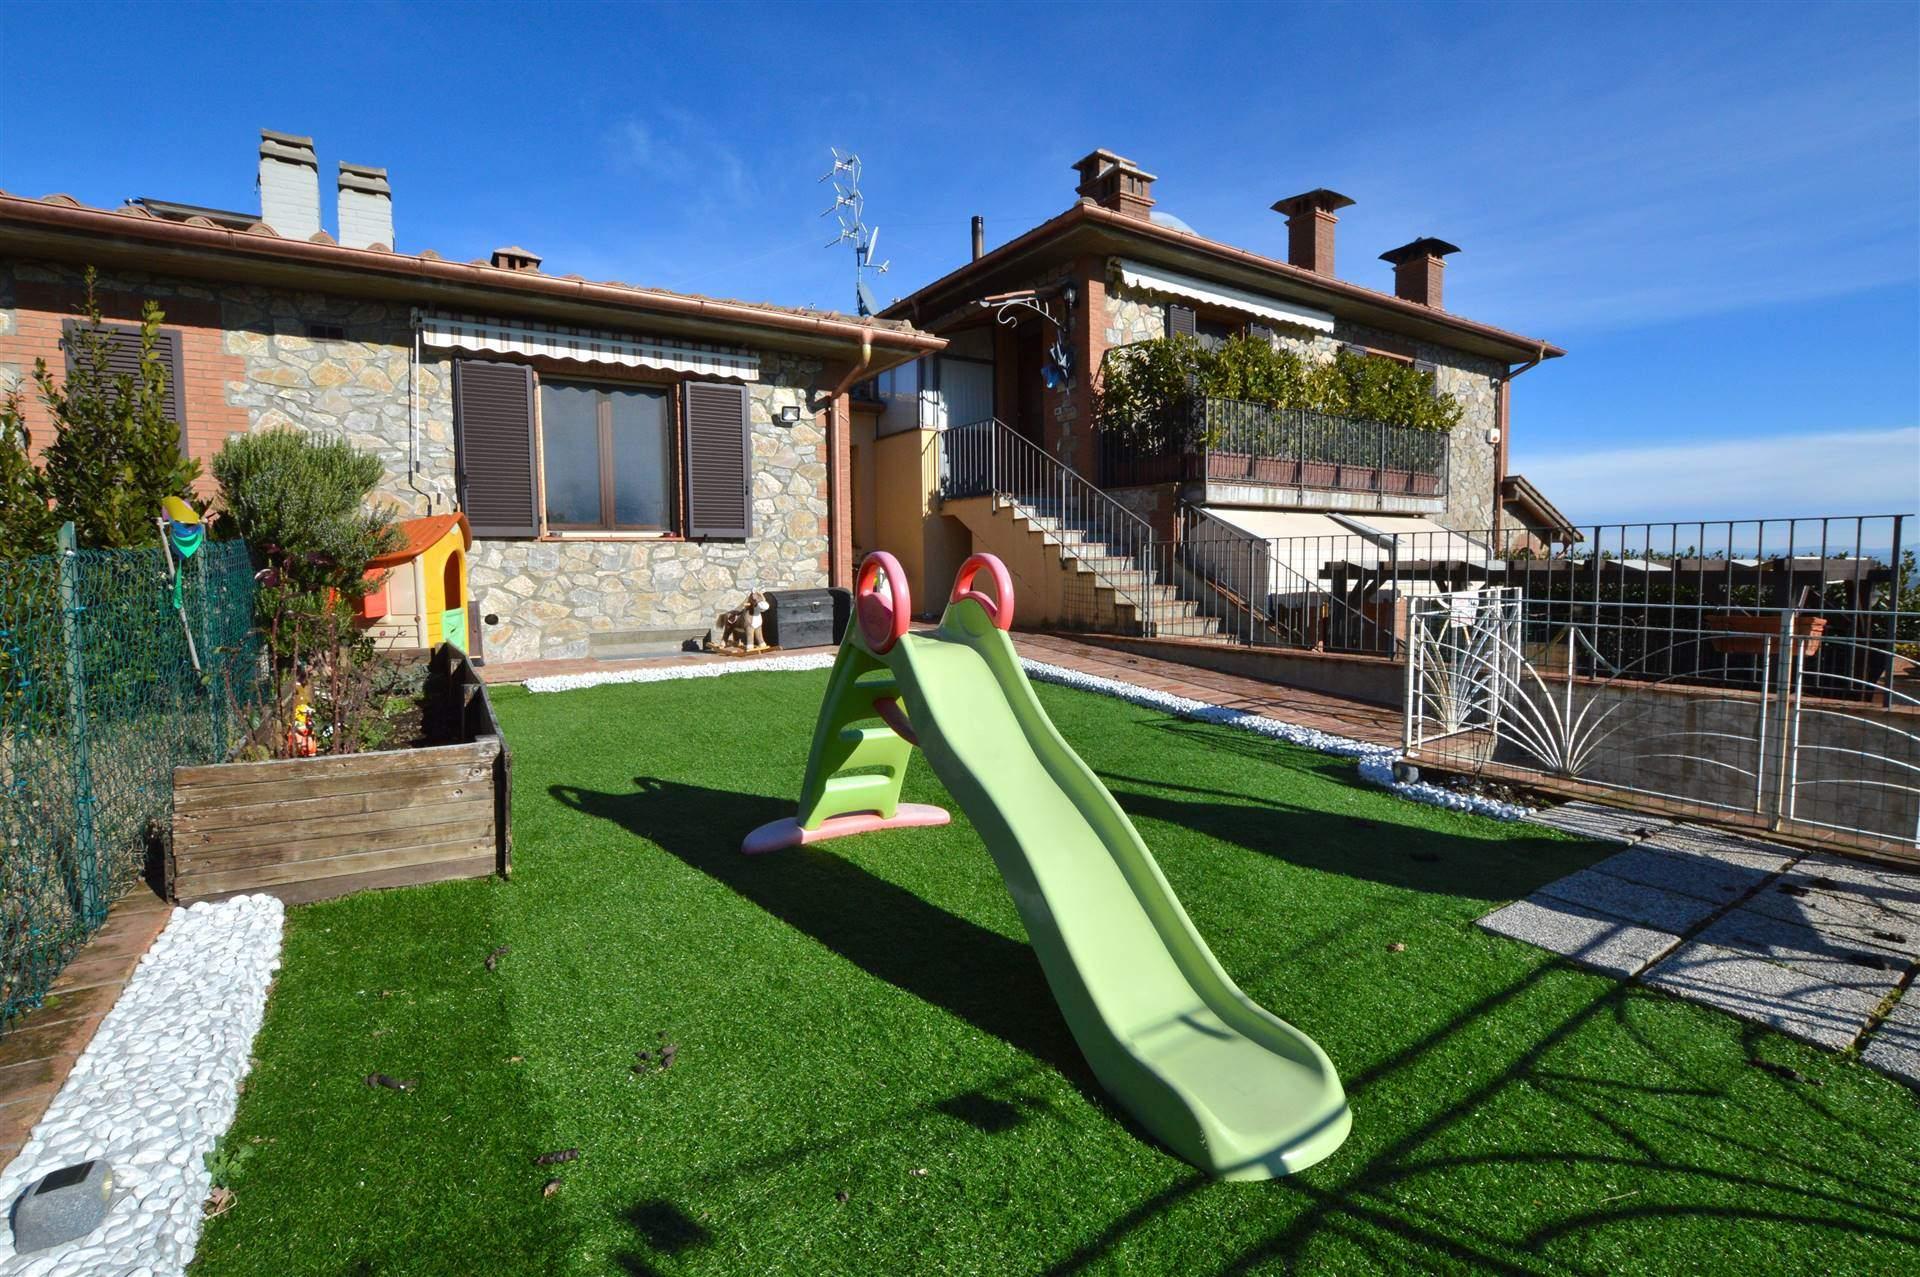 Vescovado di Murlo, in piacevole contesto residenziale, proponiamo porzione di villetta bifamiliare in pietra faccia vista con grazioso giardino.